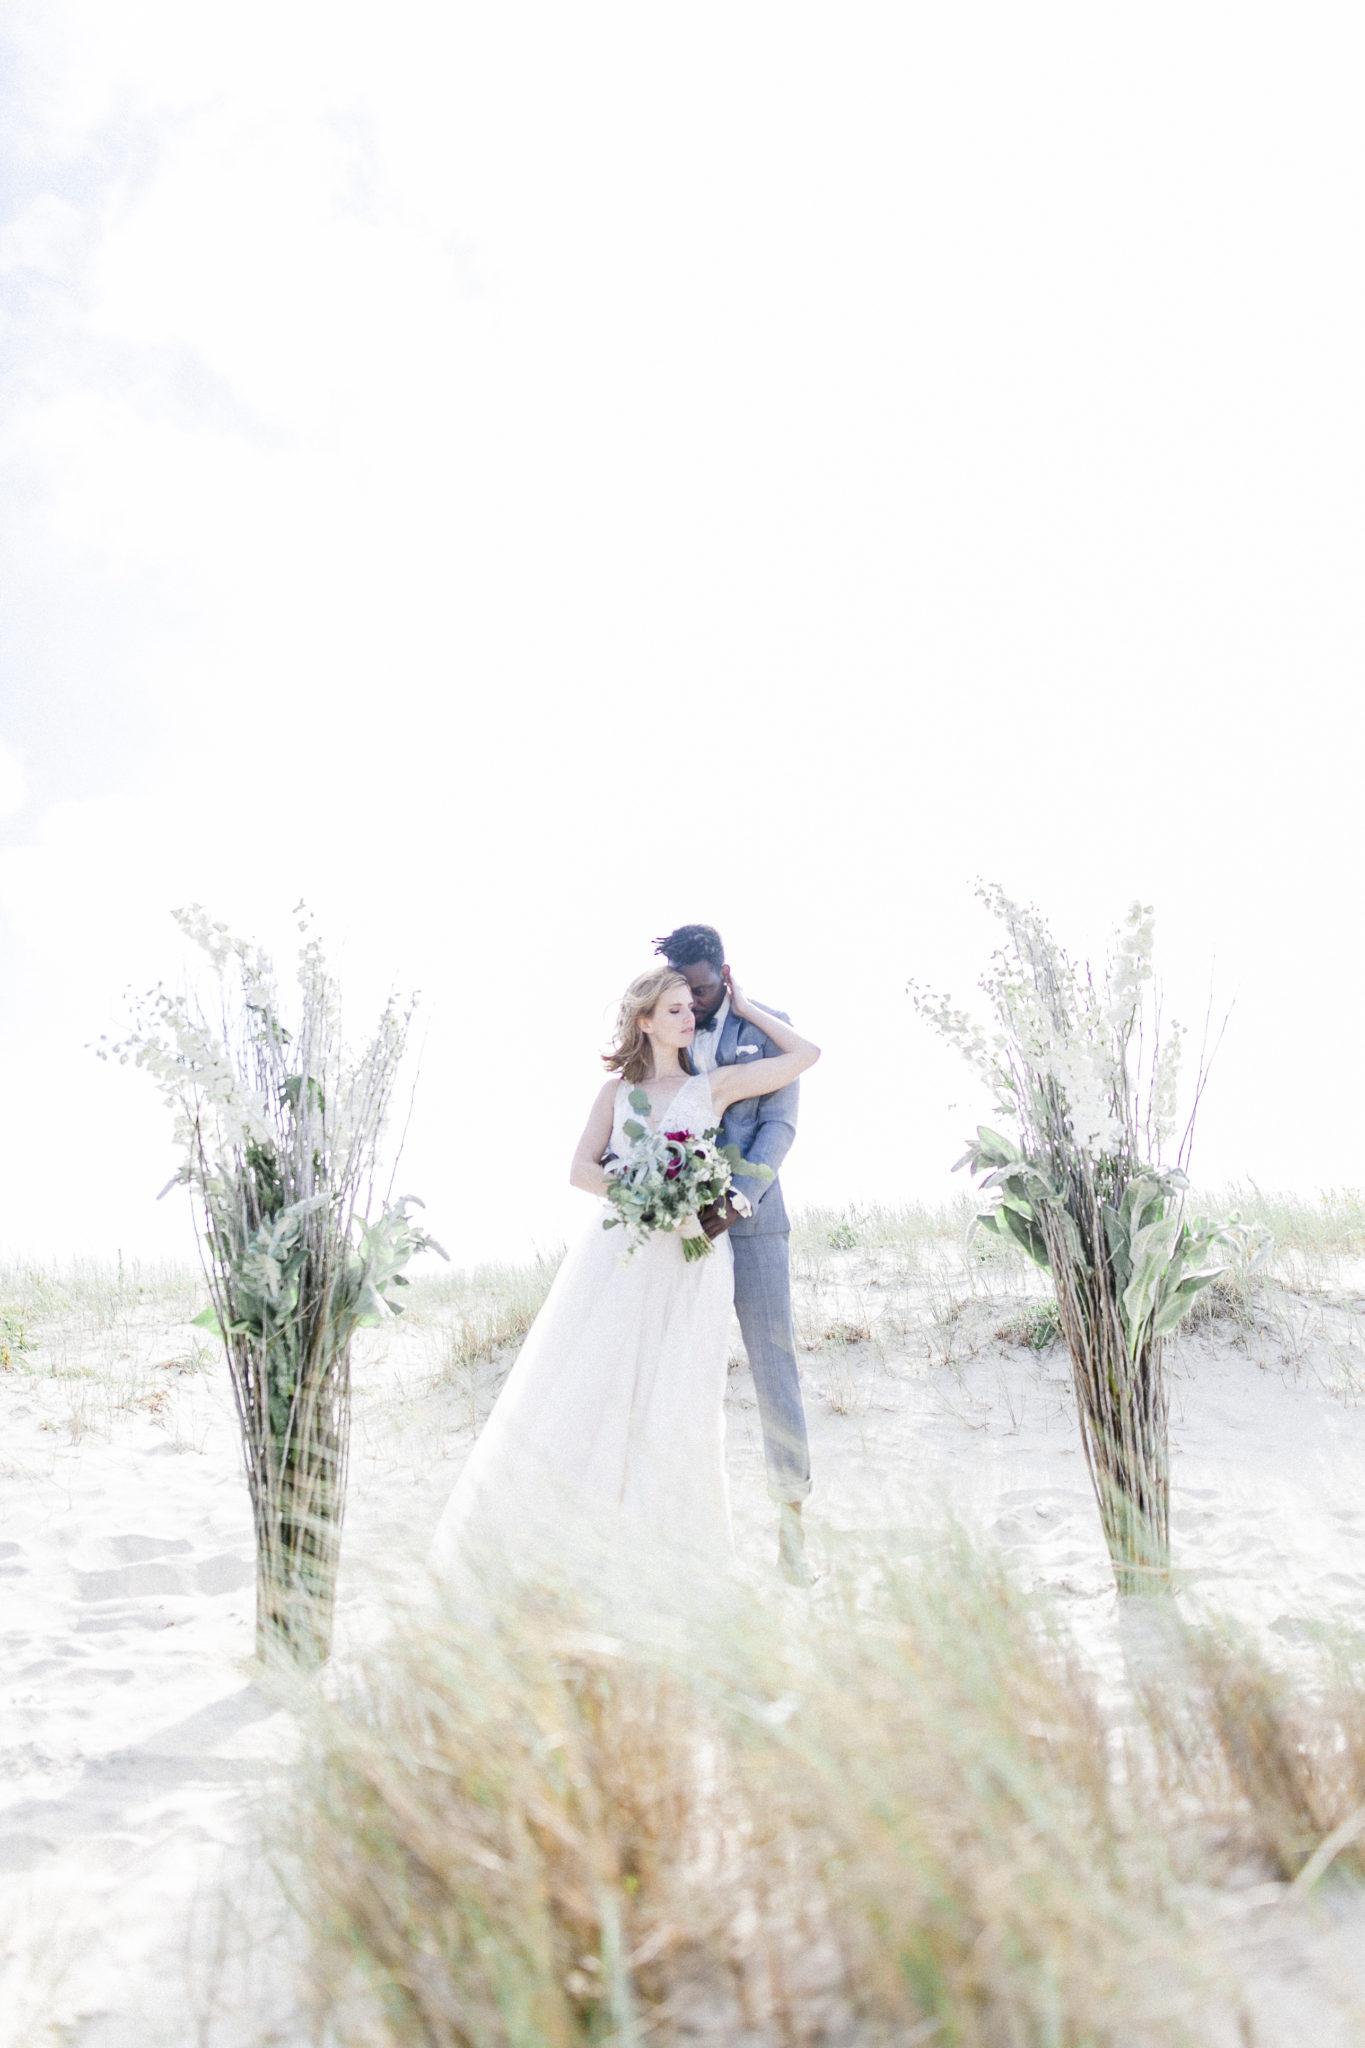 Fine art wedding look bride and groom